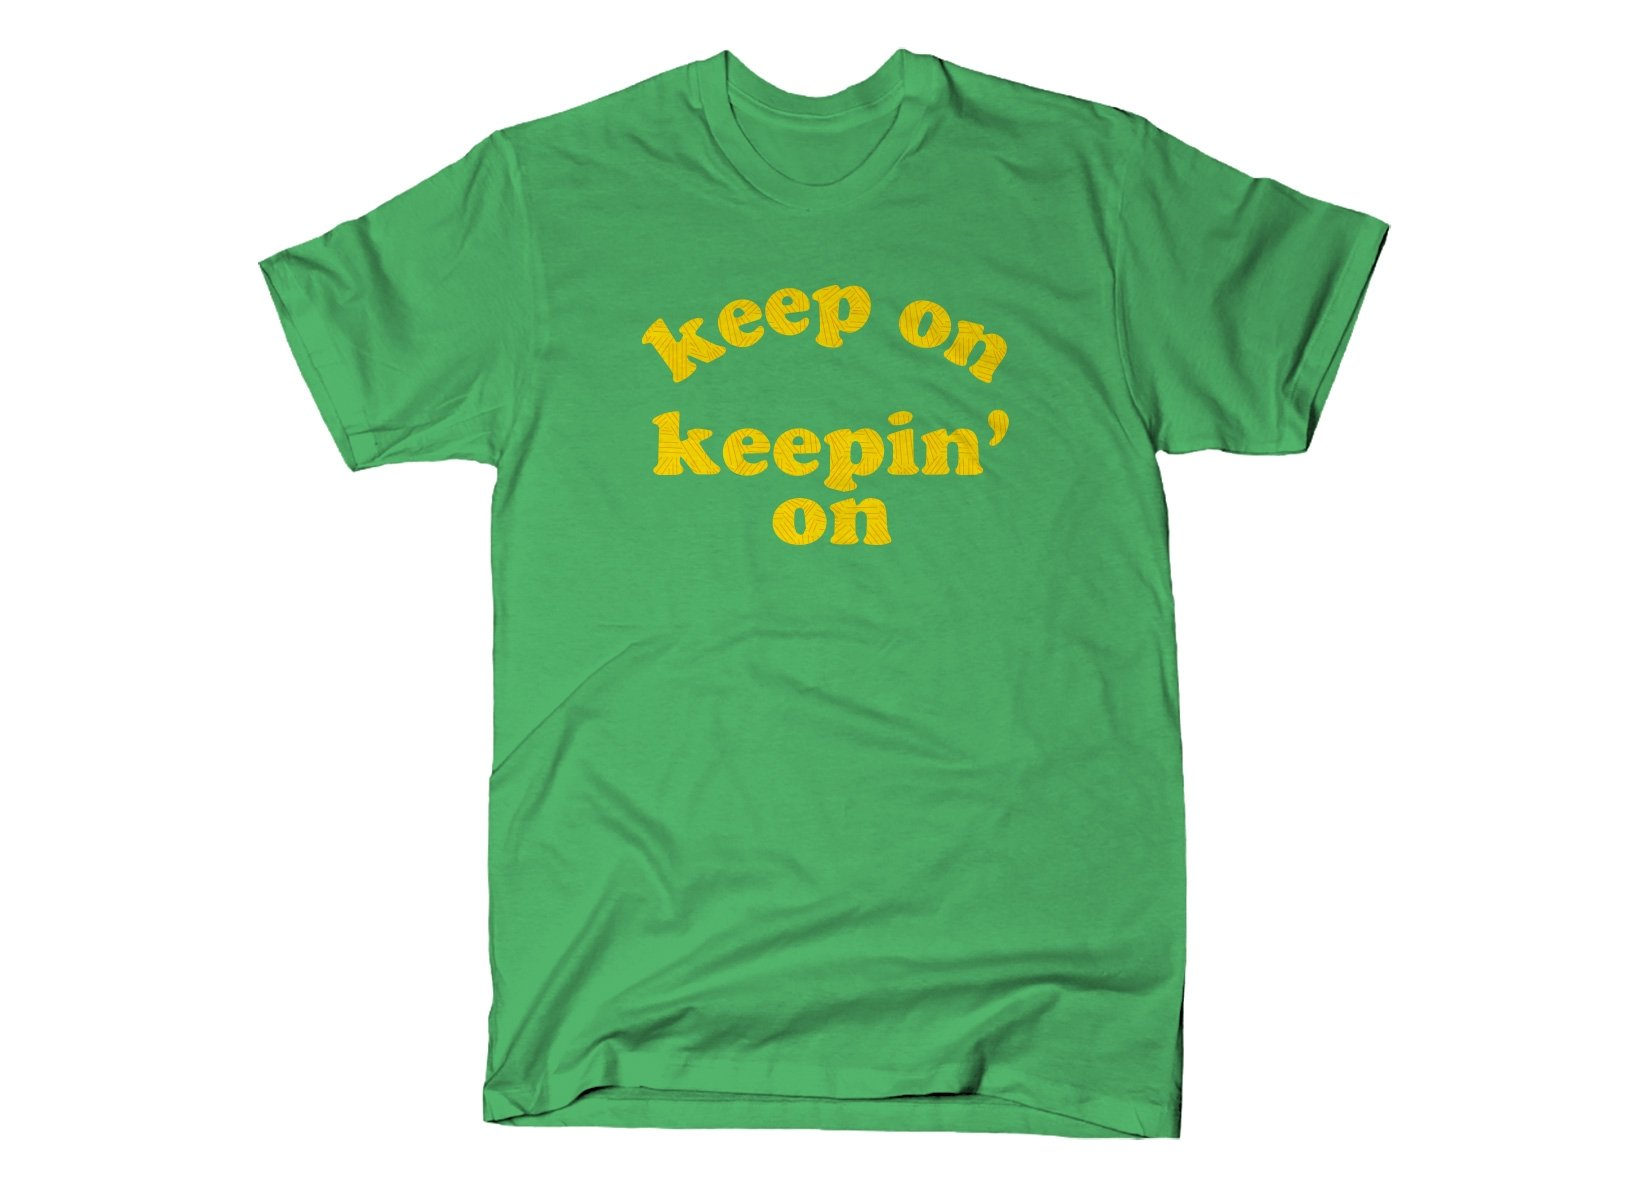 Keep On Keepin' On on Mens T-Shirt